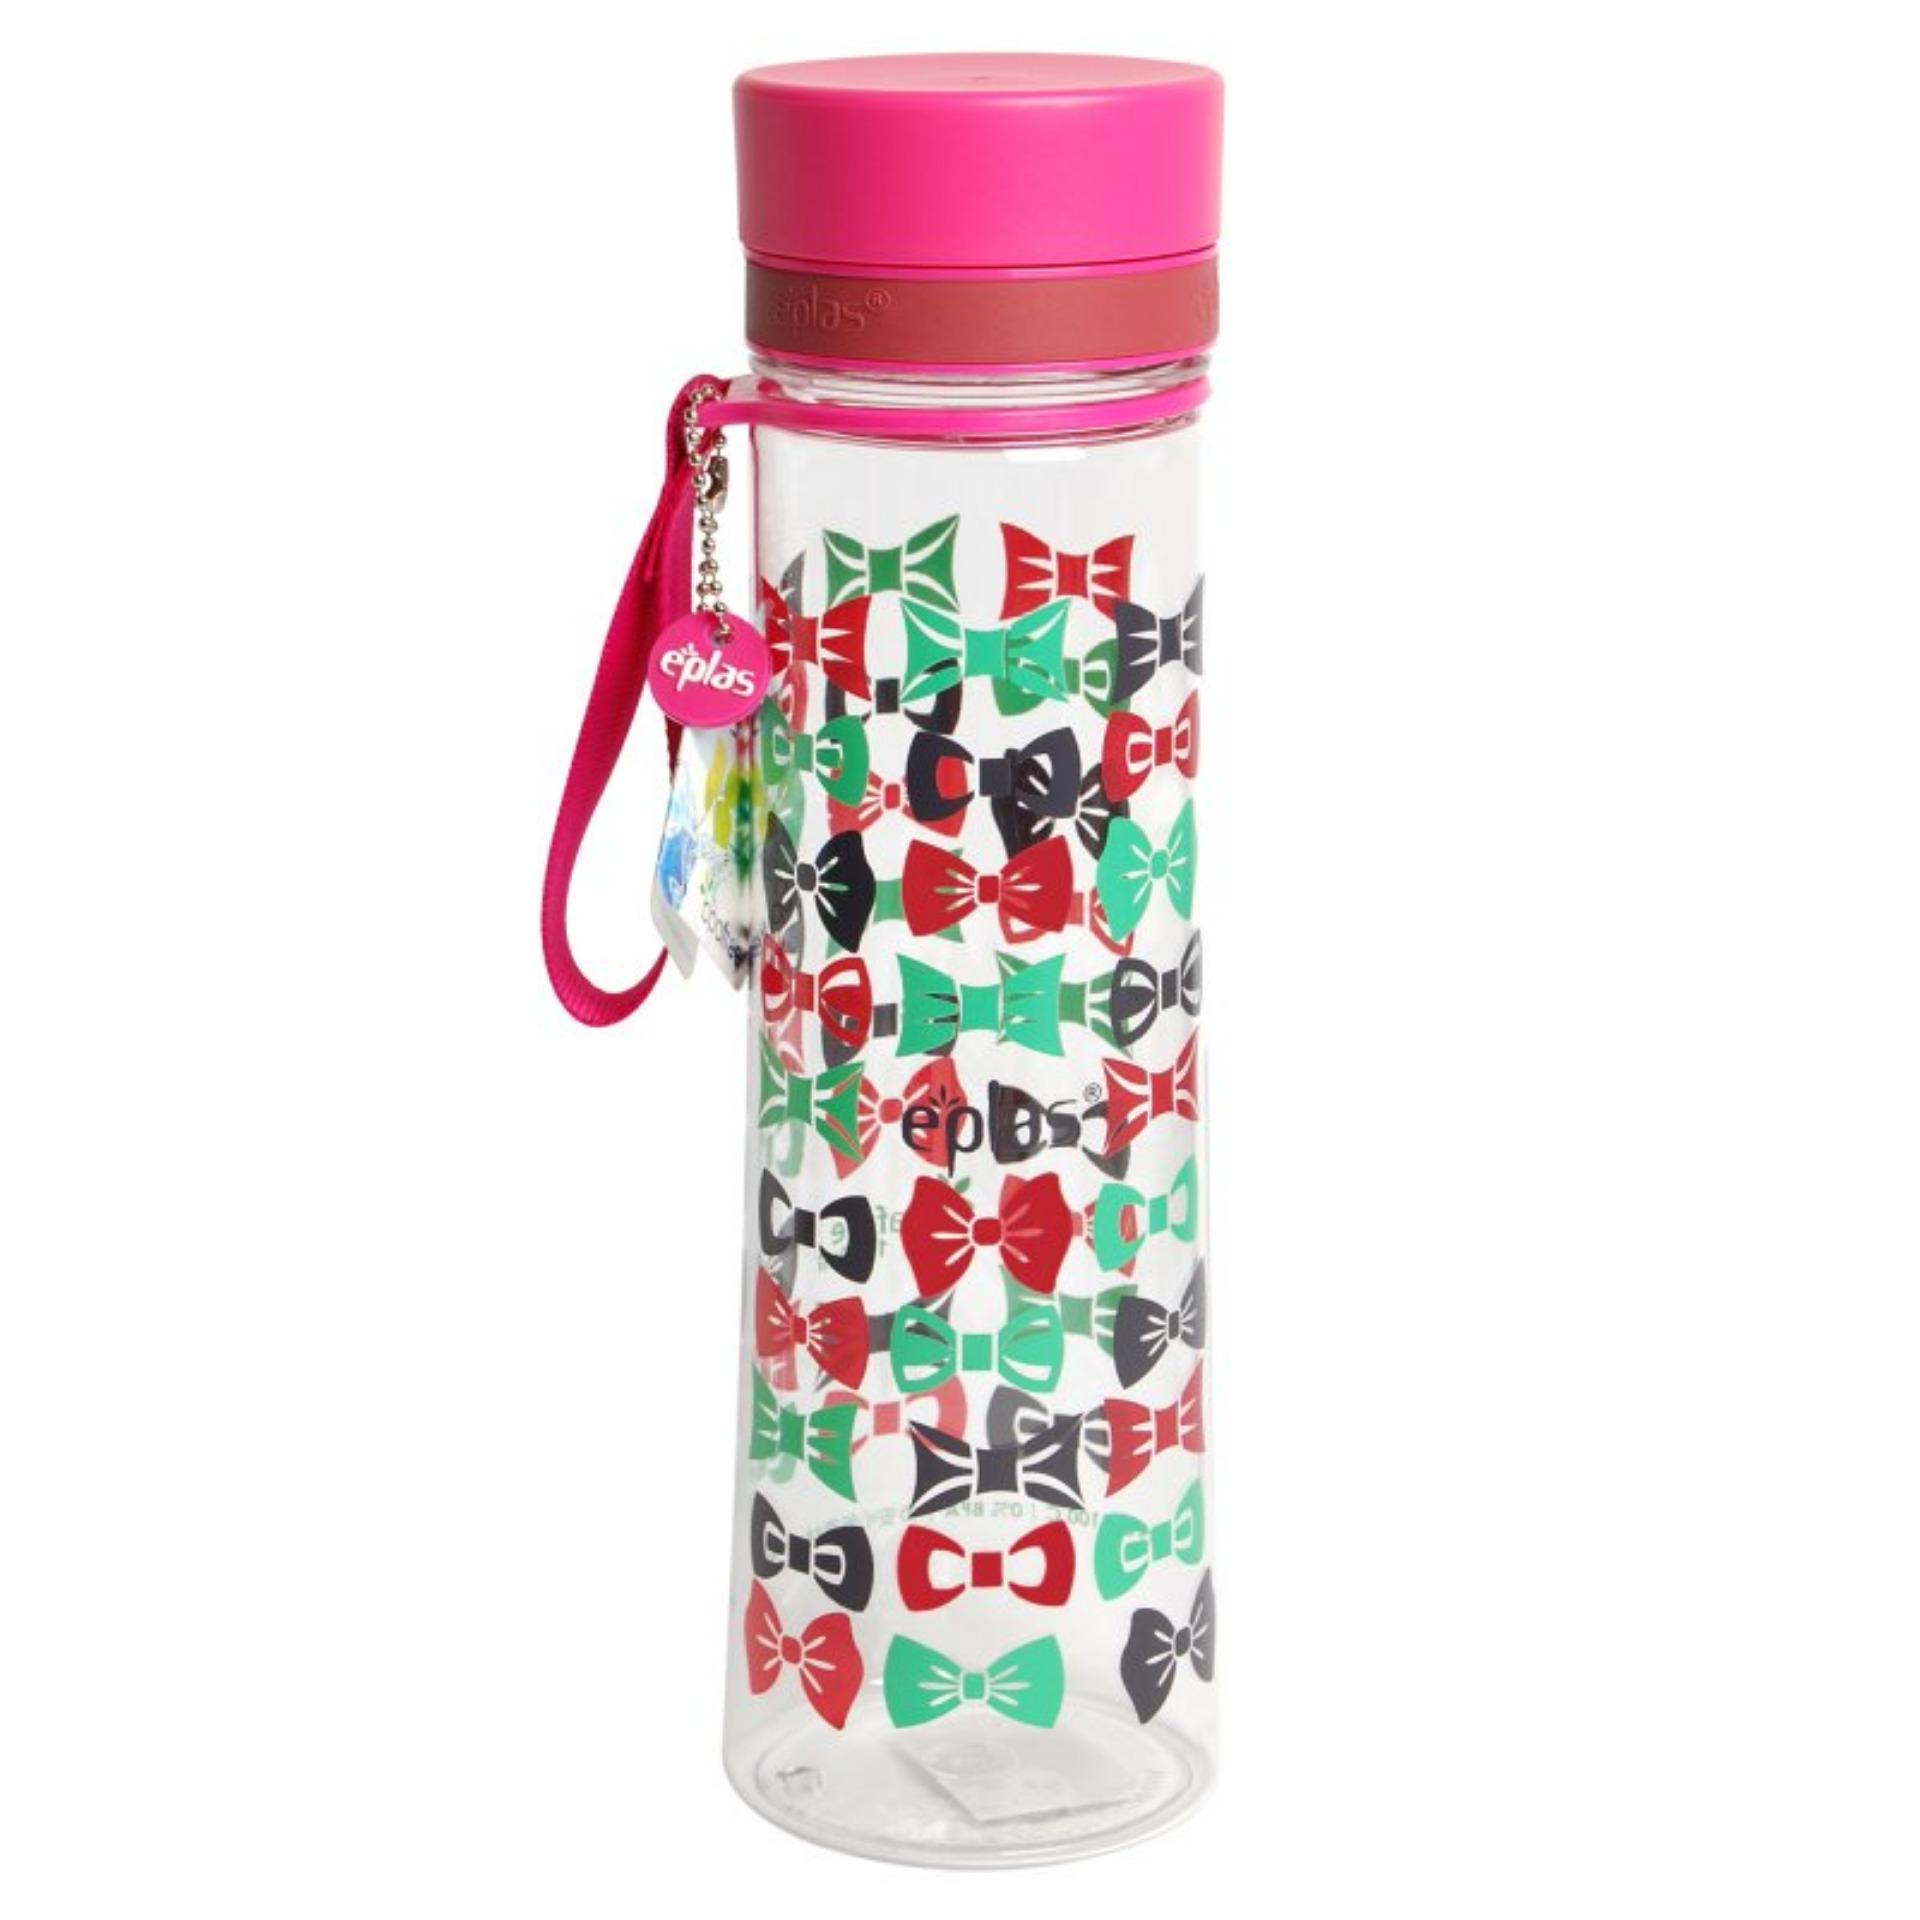 Eplas BPA Free Bottle - Pink - 1000 ml